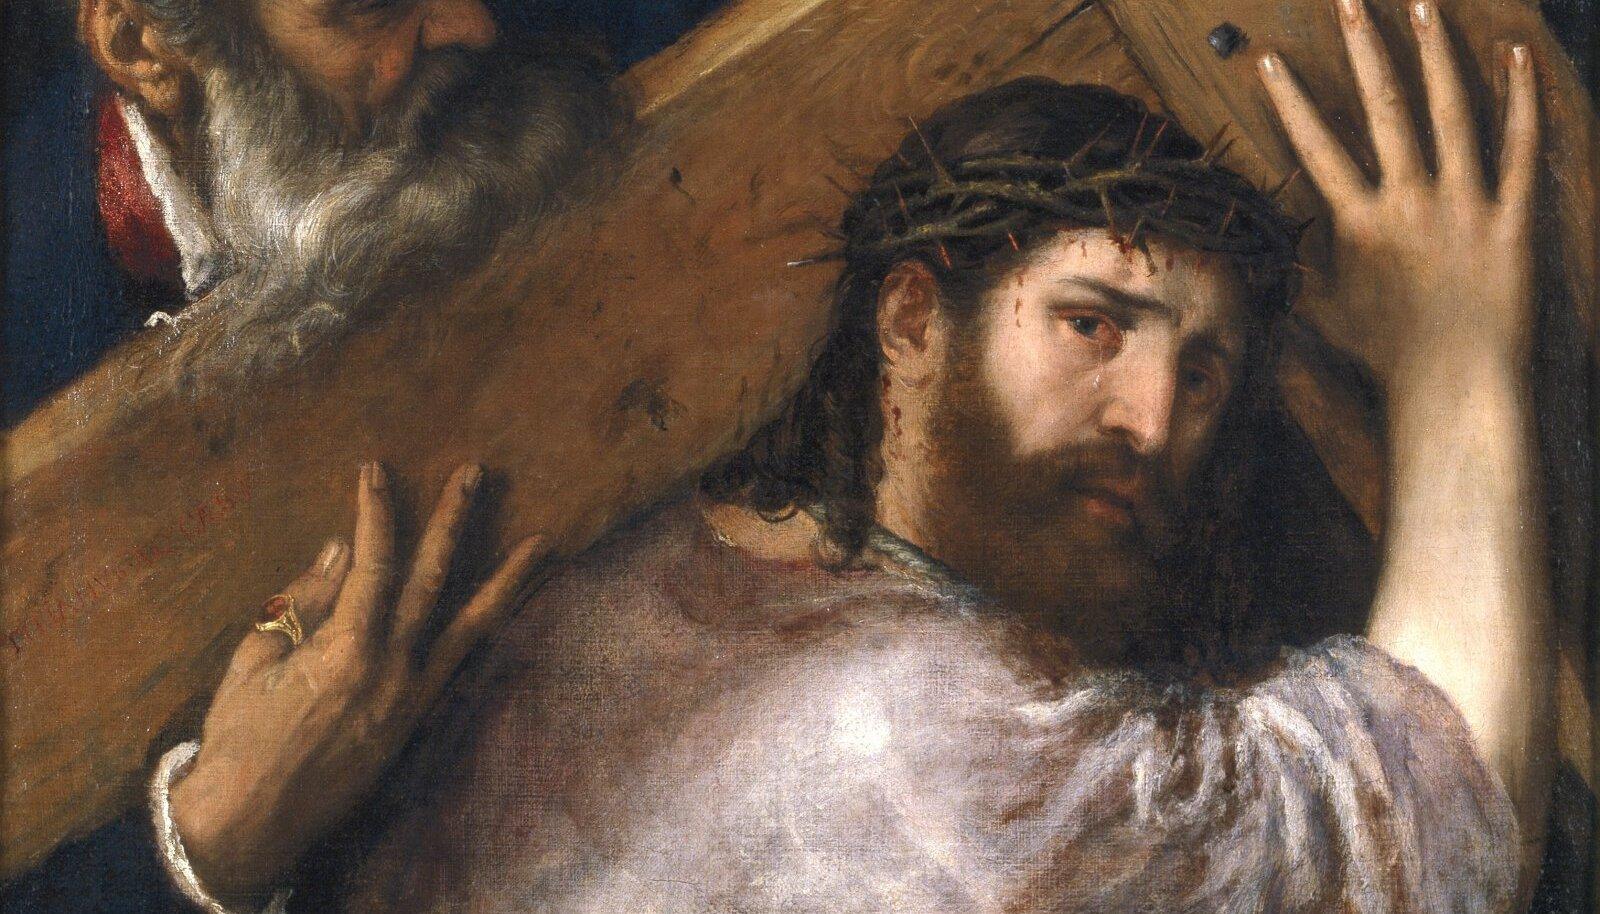 Jeesus Kristus ei olnud nõukogude inimene, seega võis ta vabalt oma risti kanda.